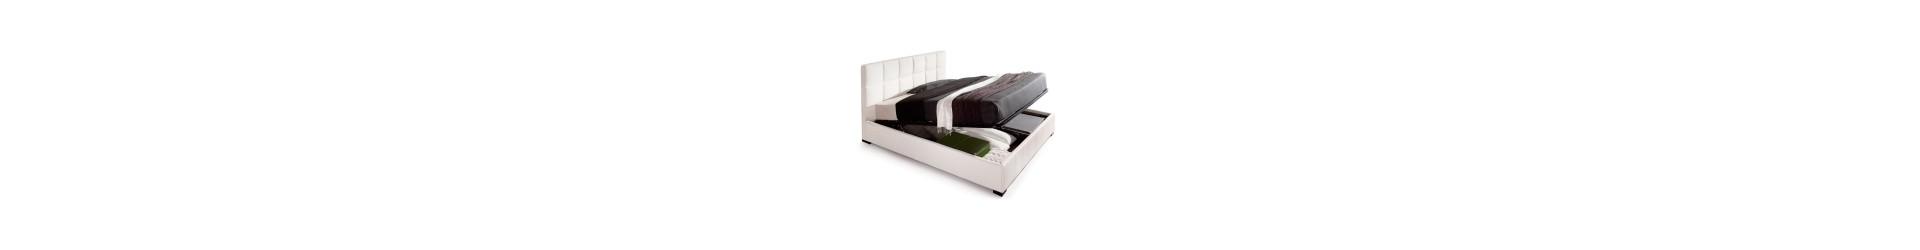 Muebles del dormitorio